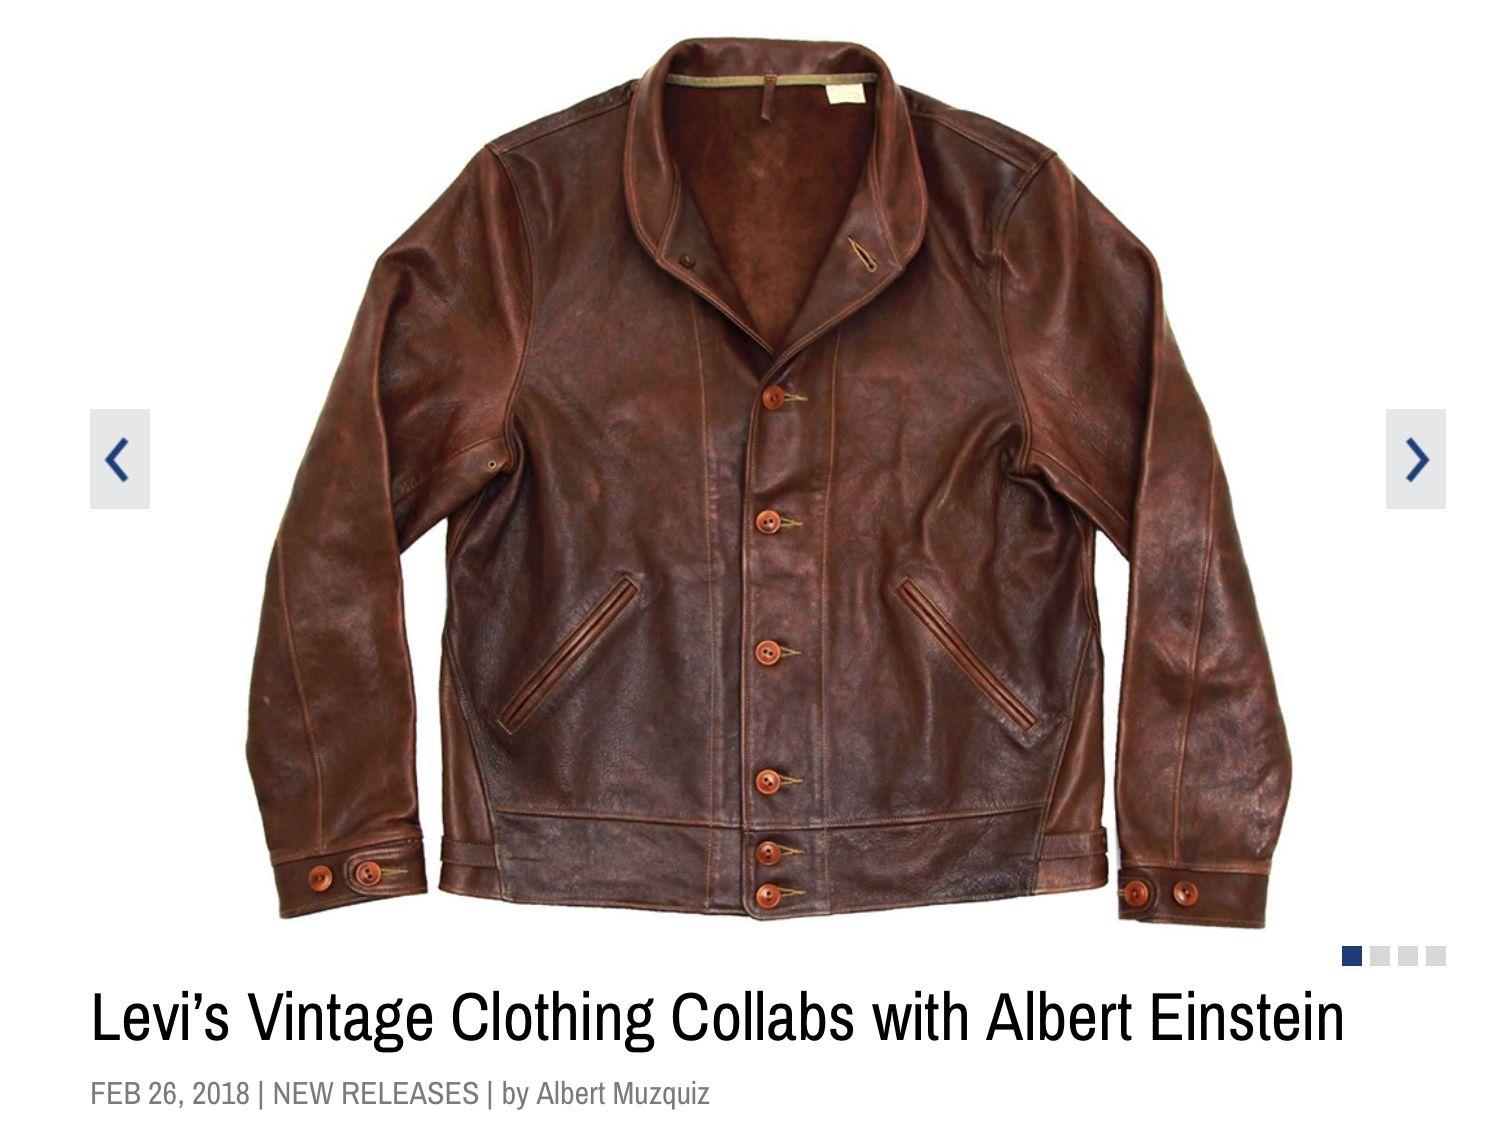 photo from Heddels Levis vintage clothing, Vintage